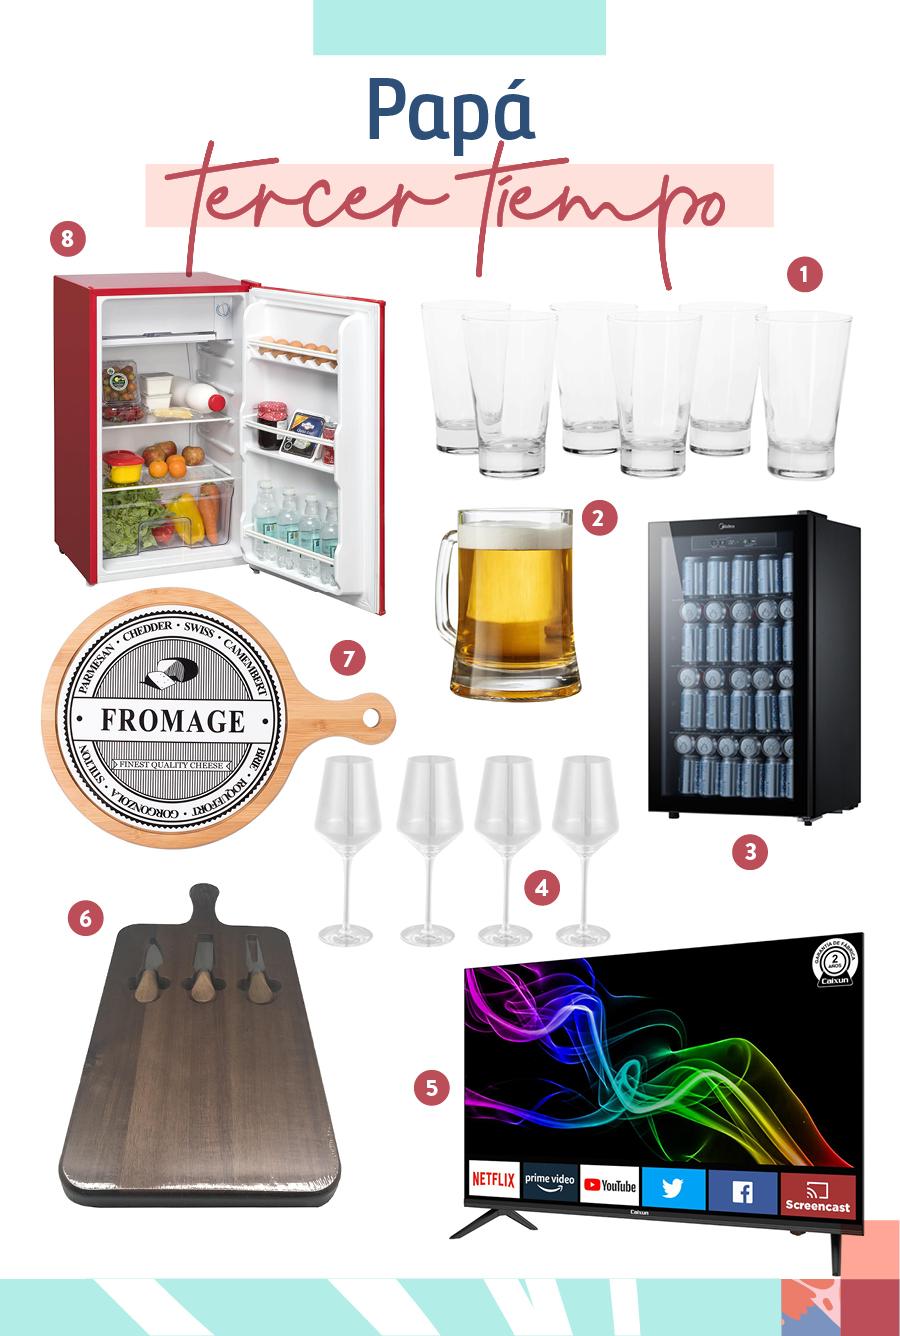 """Selección de regalos para el """"Papá tercer tiempo"""": 1- Set 6 vasos de vidrio / 2-Jarro cervecero / 3-Beer cooler / 4-Set 4 copas / 5-Led ultra HD smart / 6-Tabla para quesos / 7-Tabla para quesos cerámica y madera / 8-Frigobar 90 lts"""